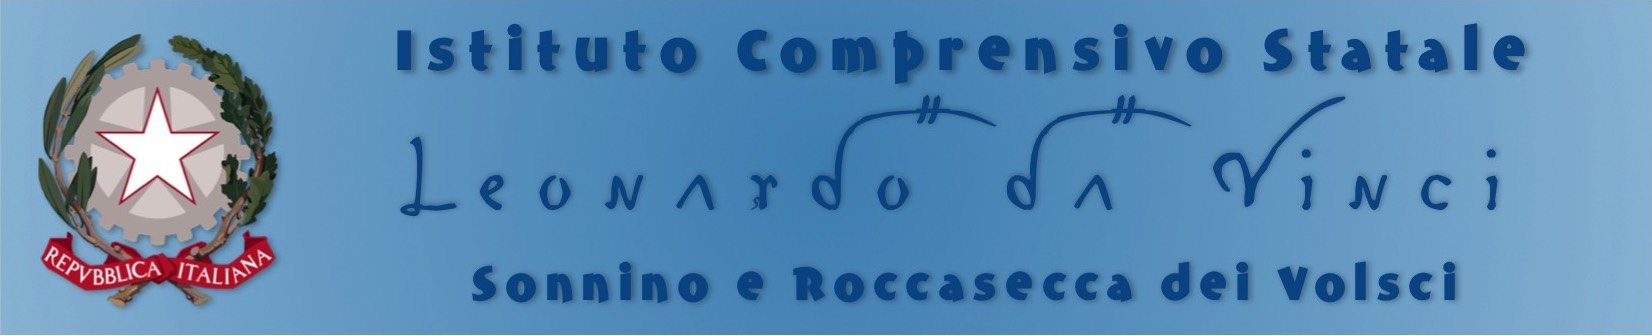 IC Leonardo da Vinci